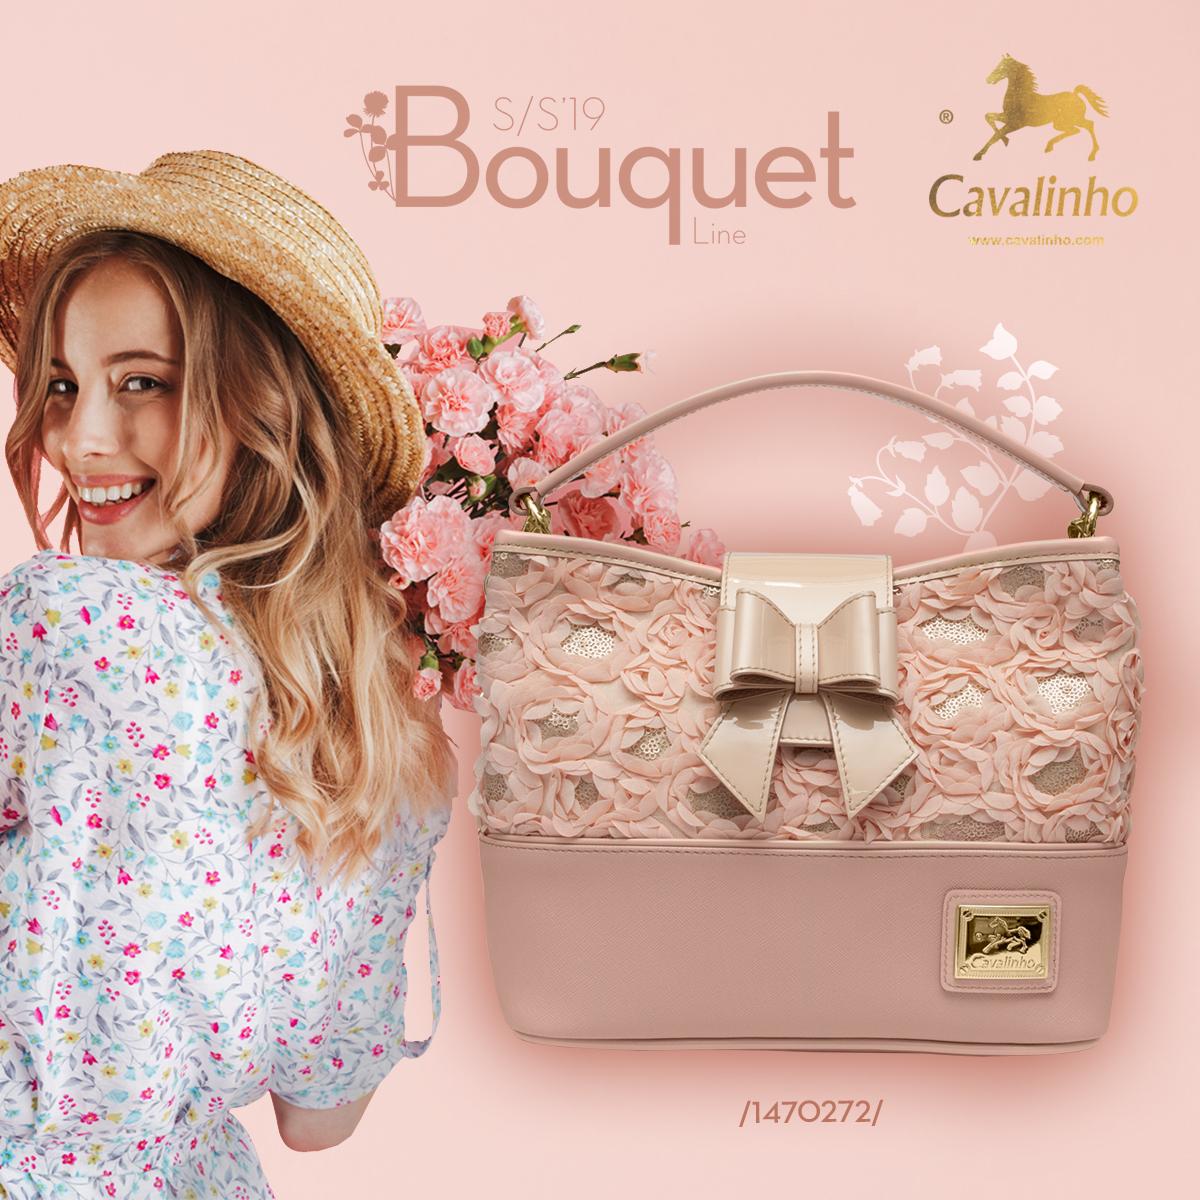 bouquet_post_05